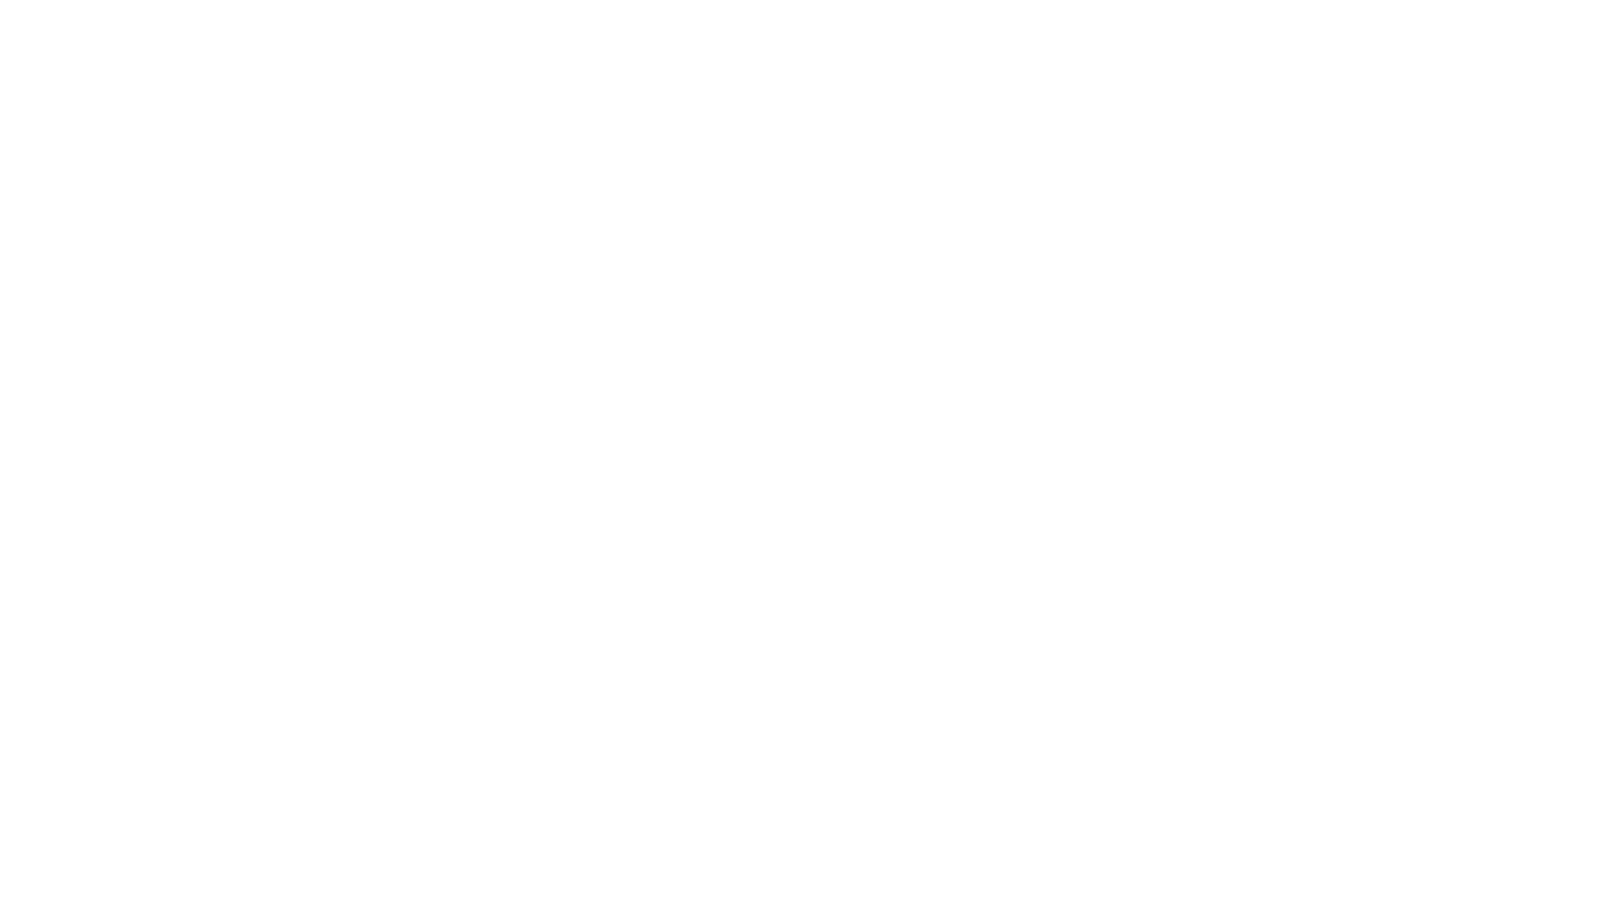 Live at YAAM, Berlin on April 12th 2017.  GERMAN INFO:  KLUB KARTELL sind in der Reggae- und Dancehall Szene inzwischen kein Geheimtipp mehr. In der klassischen jamaikanischen Backing-Band Besetzung (zwei Keyboarder, Gitarre, Bass und Drums), sind die fünf Kölner in der Lage fast jeden Sound zu realisieren und seit ihrem Bestehen ein Garant für impulsive und mitreißende Shows, voller Spielfreude und positiver Energie. Gegründet im Jahr 2016, aus Mitgliedern der Soul-Fire-Band und der Band des beim Kölner Label Rootdown gesignten Sängers Sebastian Sturm, begann man sich schnell einen eigenen Namen in der Reggae-Szene zu erarbeiten. Es folgten Kollaborationen und Gigs mit Mykal Rose (Black Uhuru), Dellé (SEEED), Flo Mega, Cali P, Ziggi Recado, Def Benski (Die Firma), Denham Smith u.a.   Darüber hinaus initiierte man die Tropical Fire Party, eine Veranstaltungsreihe, bei der KLUB KARTELL mit jeweils wechselnden Artists bekannte Riddims neu interpretiert; dort und bei zahlreichen weiteres Klubgigs und Festivals erhielt das Publikum einen Eindruck davon, welche Spielfreude, Stilsicherheit und handwerkliches Können die Band besitzt. Alle Mitglieder sind gestandene Live- und Studiomusiker, die bereits in einer Vielzahl anderer Projekte Erfolge gefeiert haben (u.a. Cecilé, Christopher Martin, Ward21 uva). Musikalisch hat man sich in dieser Besetzung auf modernen Reggae und Dancehall nach jamaikanischem Vorbild spezialisiert. 2017 ist KLUB KARTELL bestens aufgestellt und bereit sich neuen Herausforderungen zu stellen.